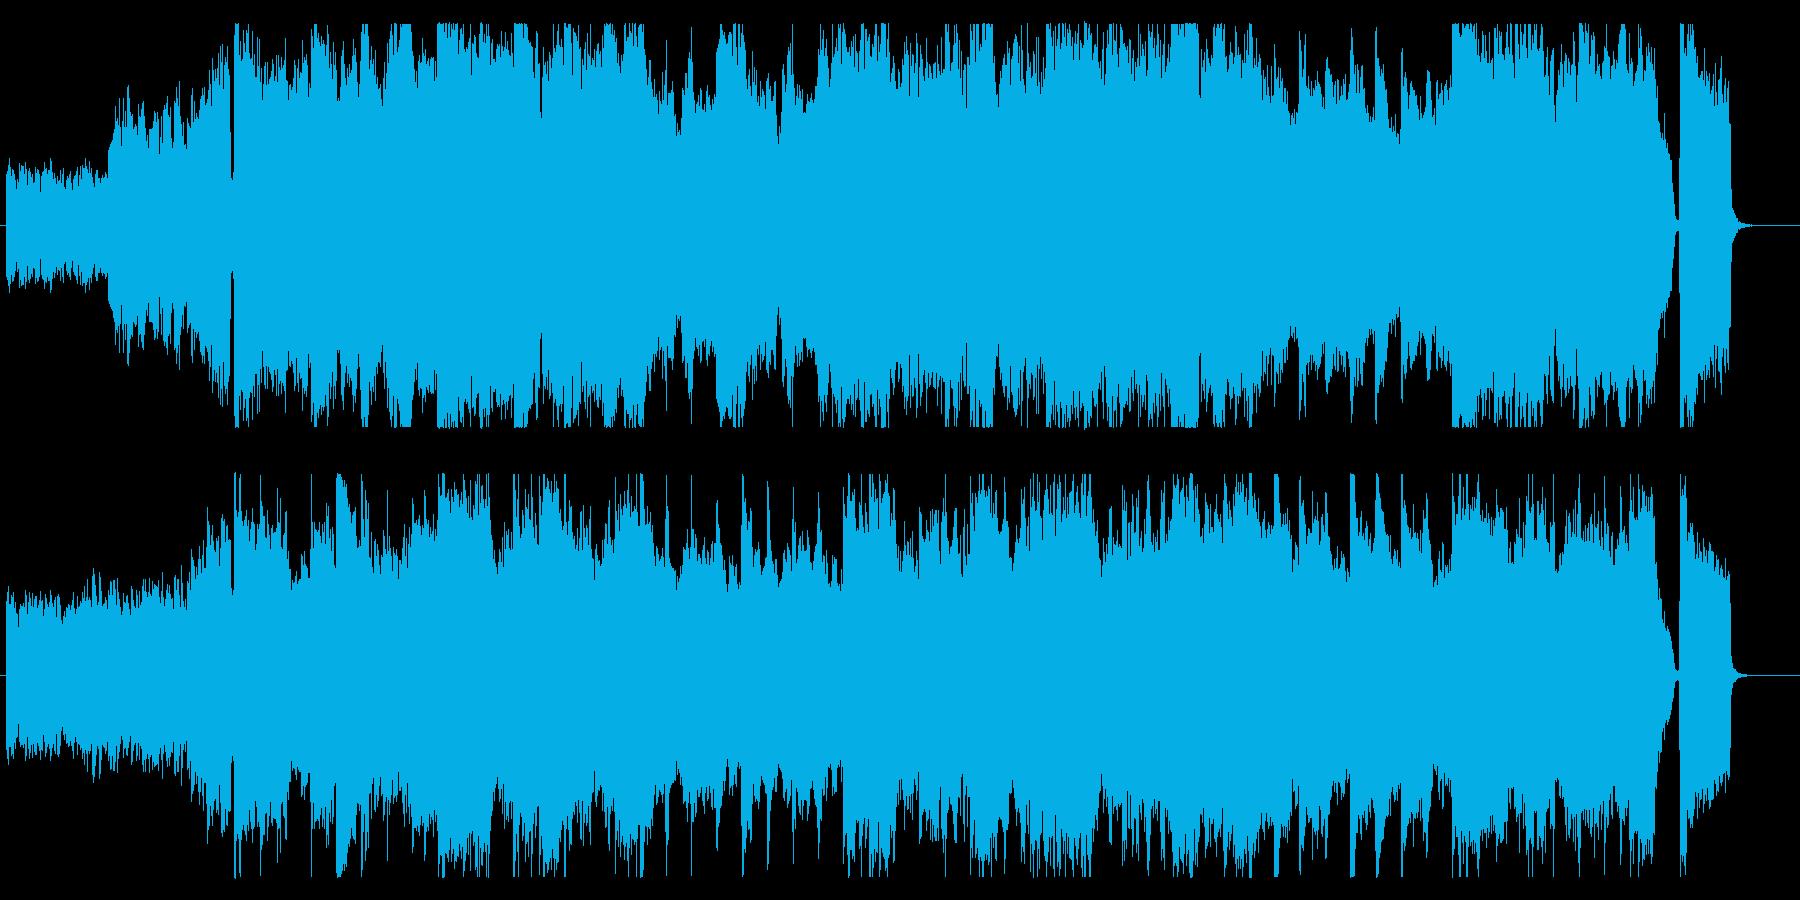 ギターとストリングスのバラードの再生済みの波形